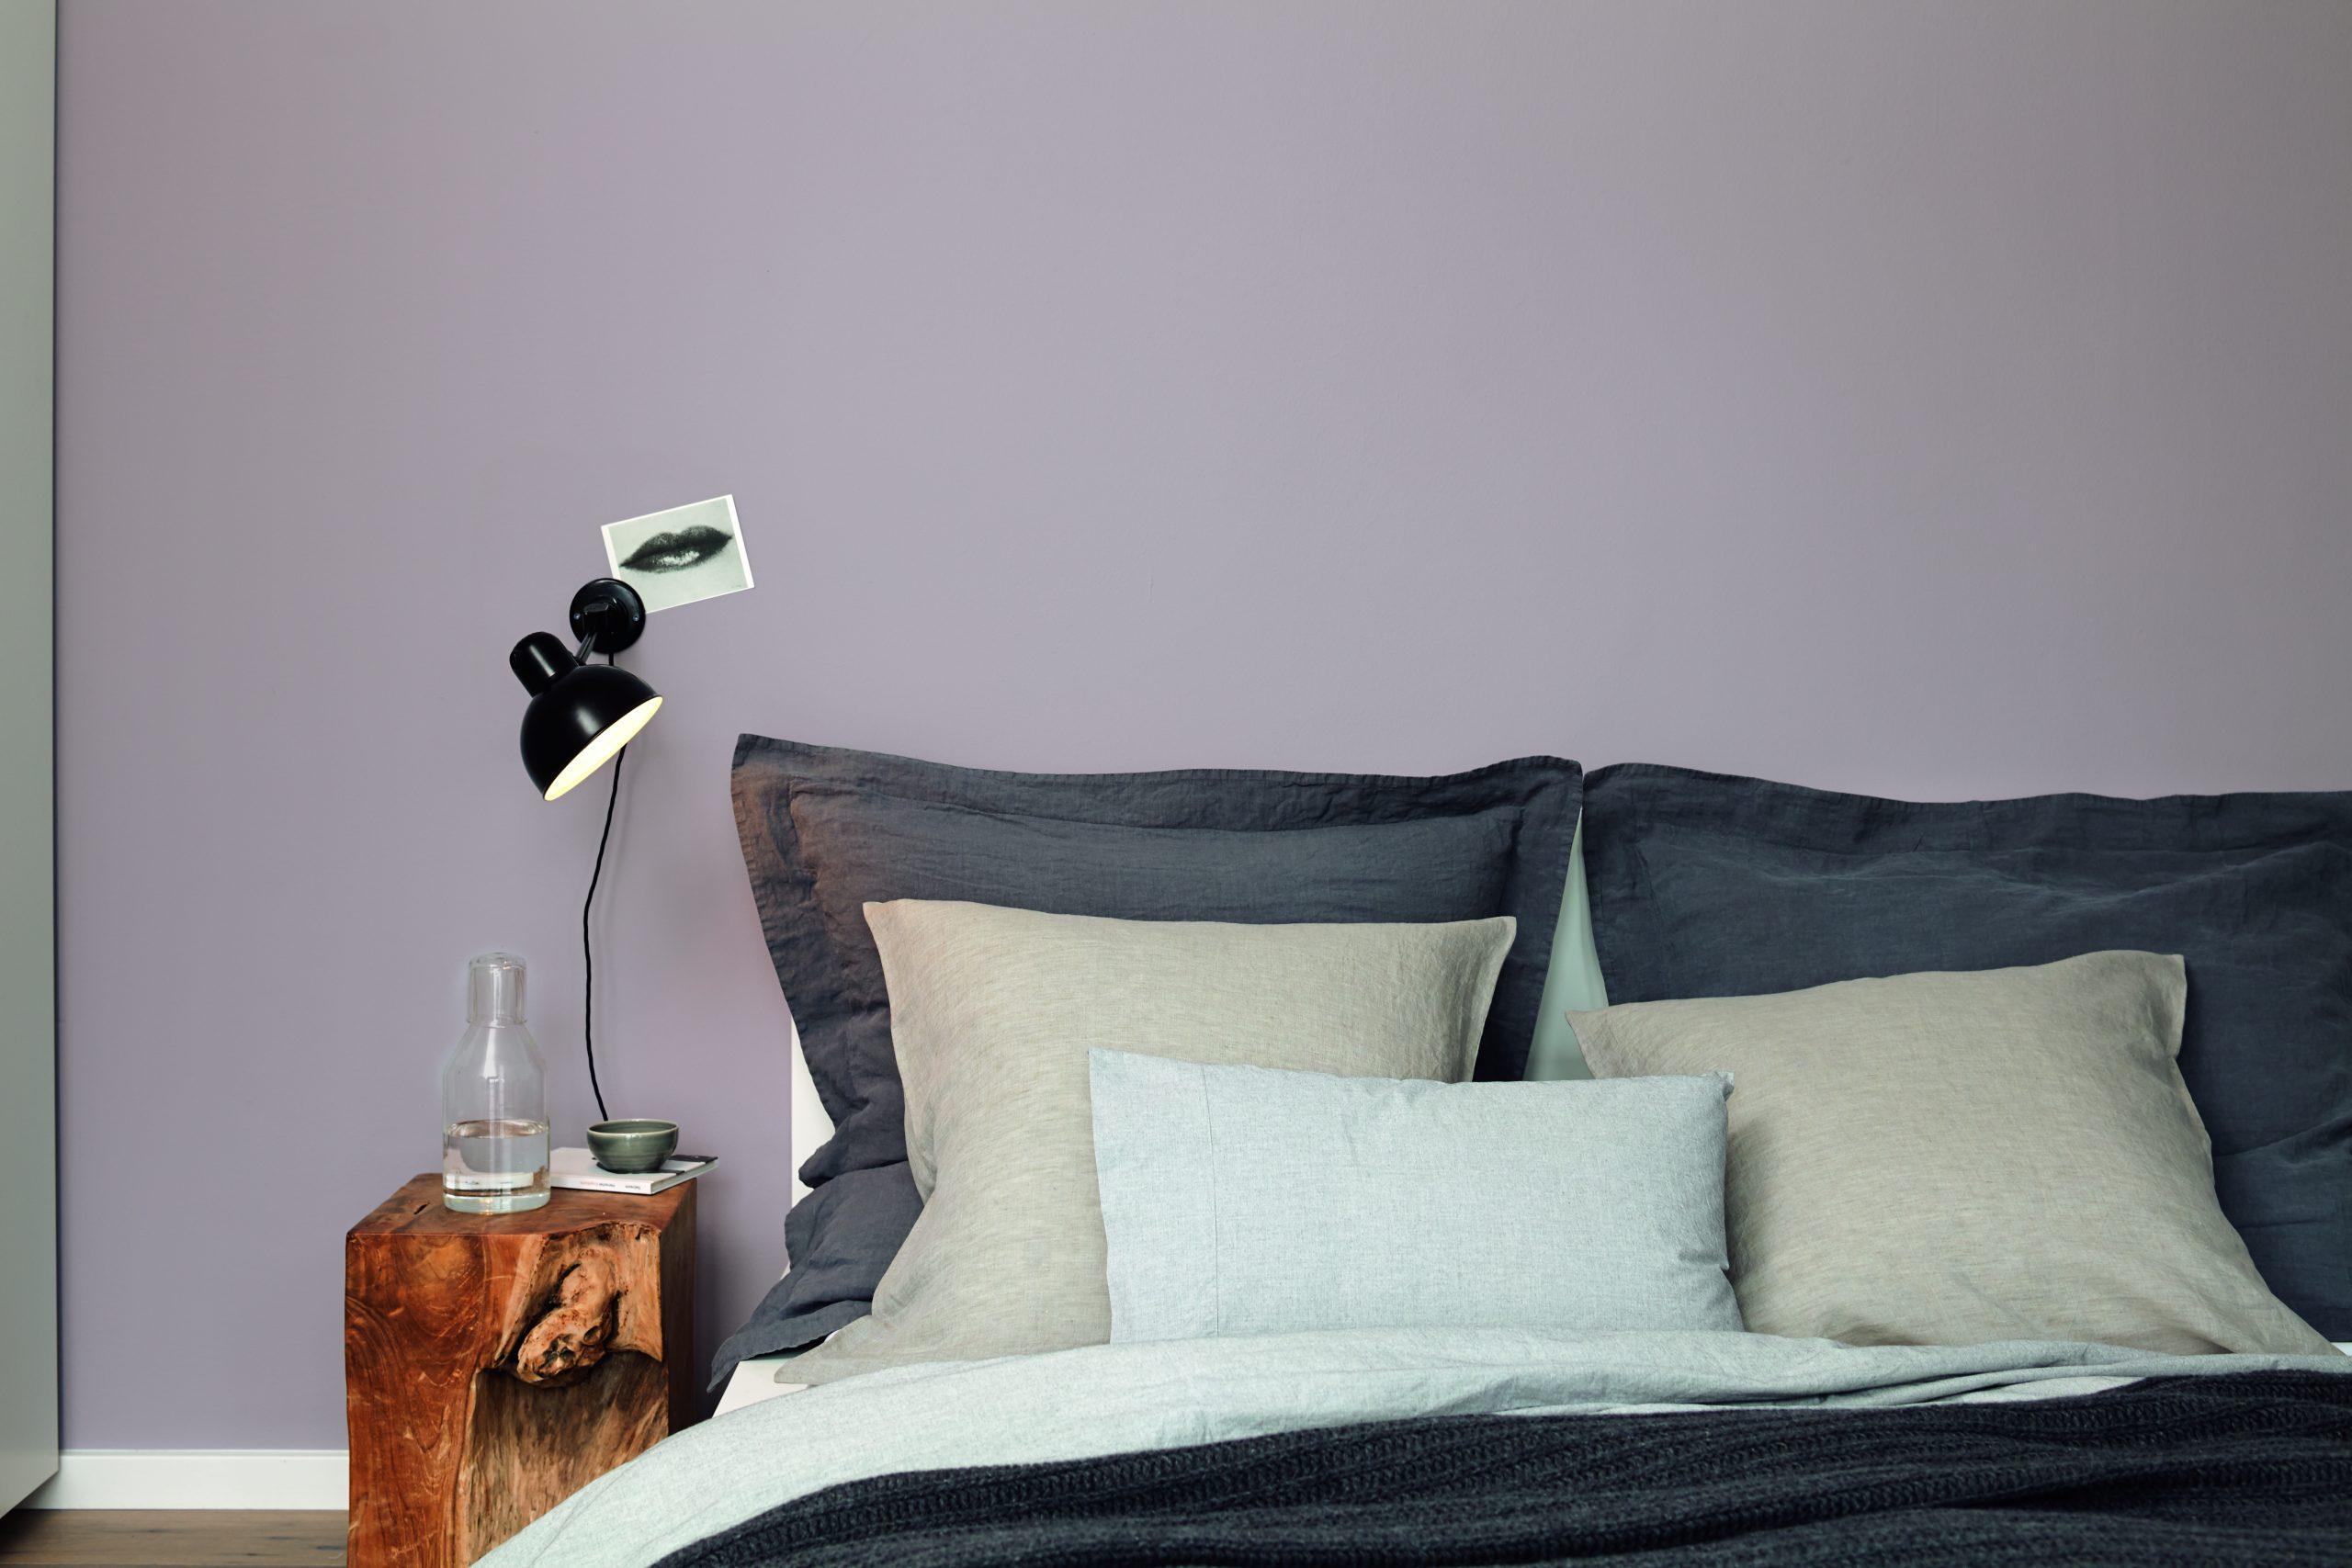 Full Size of Moderne Wandfarben Trendfarbe Des Monats Fr Zuhause Vielseitiges Mauve Esstische Modernes Bett 180x200 Landhausküche Sofa Deckenleuchte Wohnzimmer Bilder Wohnzimmer Moderne Wandfarben